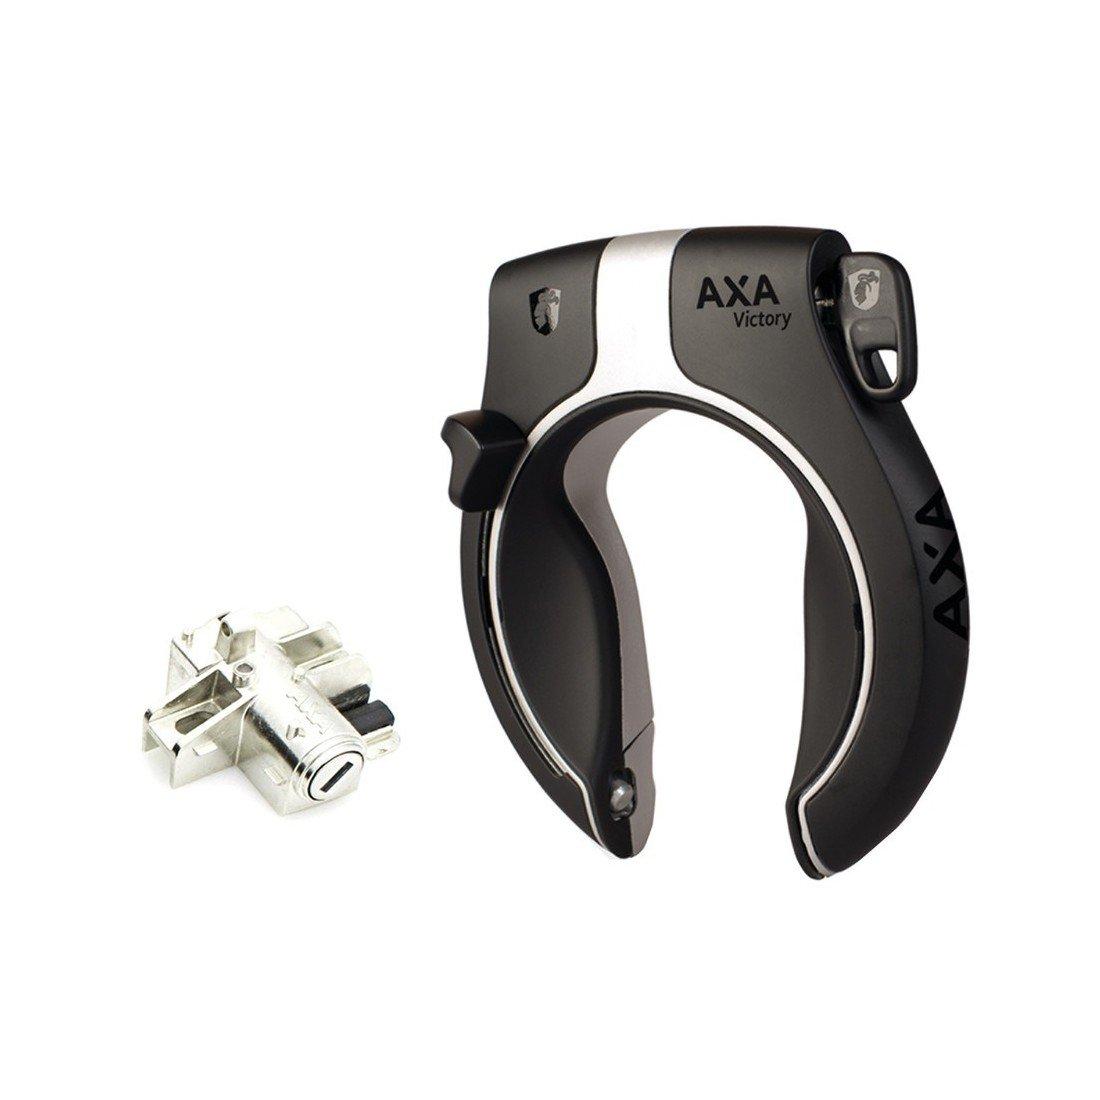 One Key System Axa Victory+ Bosch2 Akku für Rahmenmontage,sw